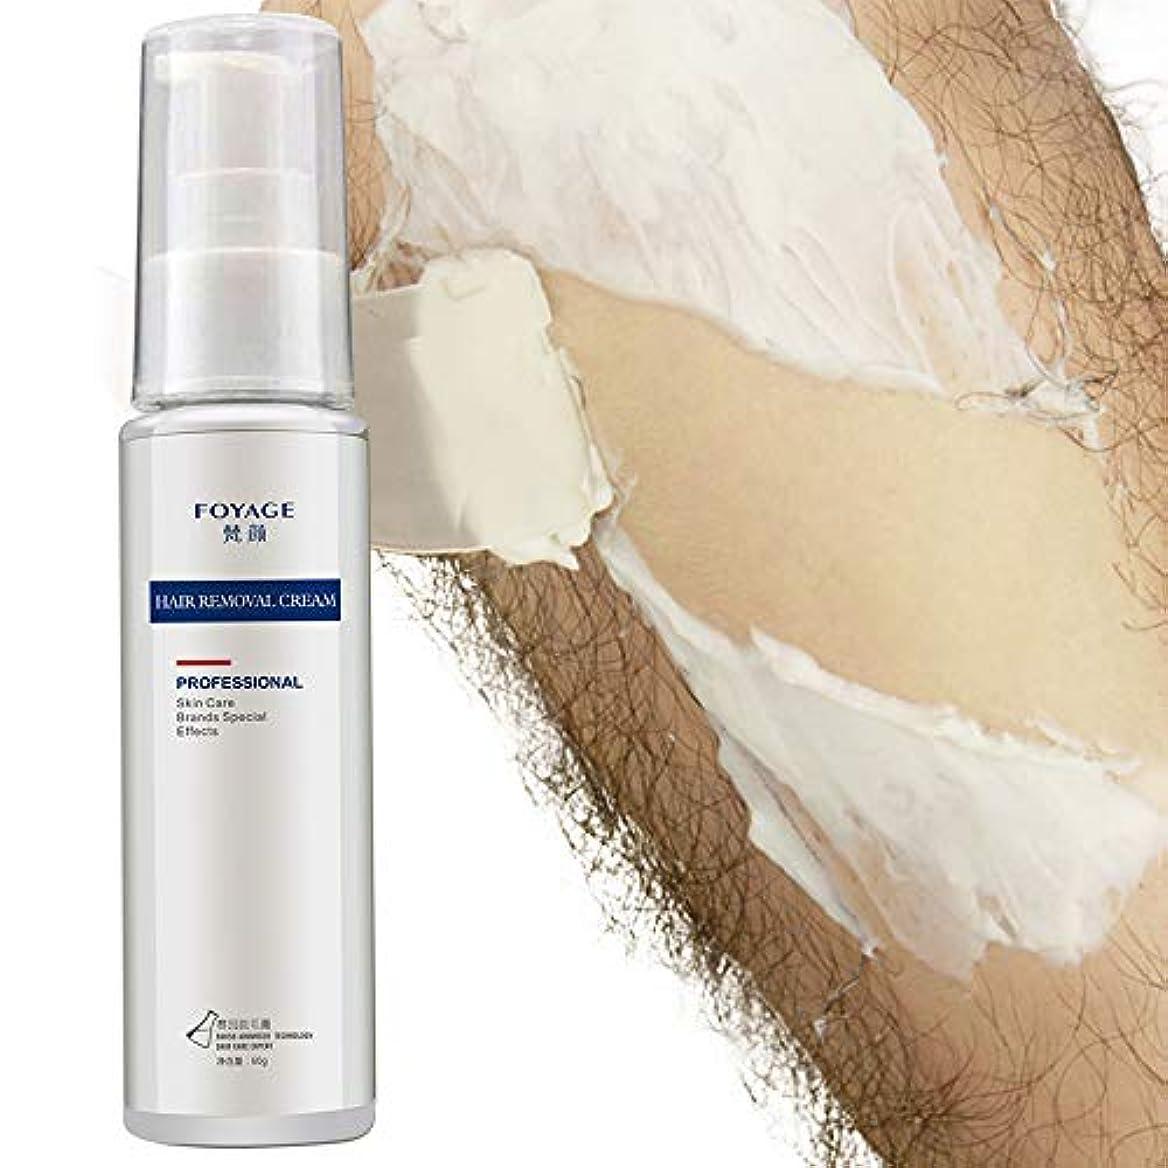 実験的噴水ドラマFOYAGE 脱毛 クリーム60g (剛毛、脚毛、胸毛) 用 顔と陰部に使用 禁止